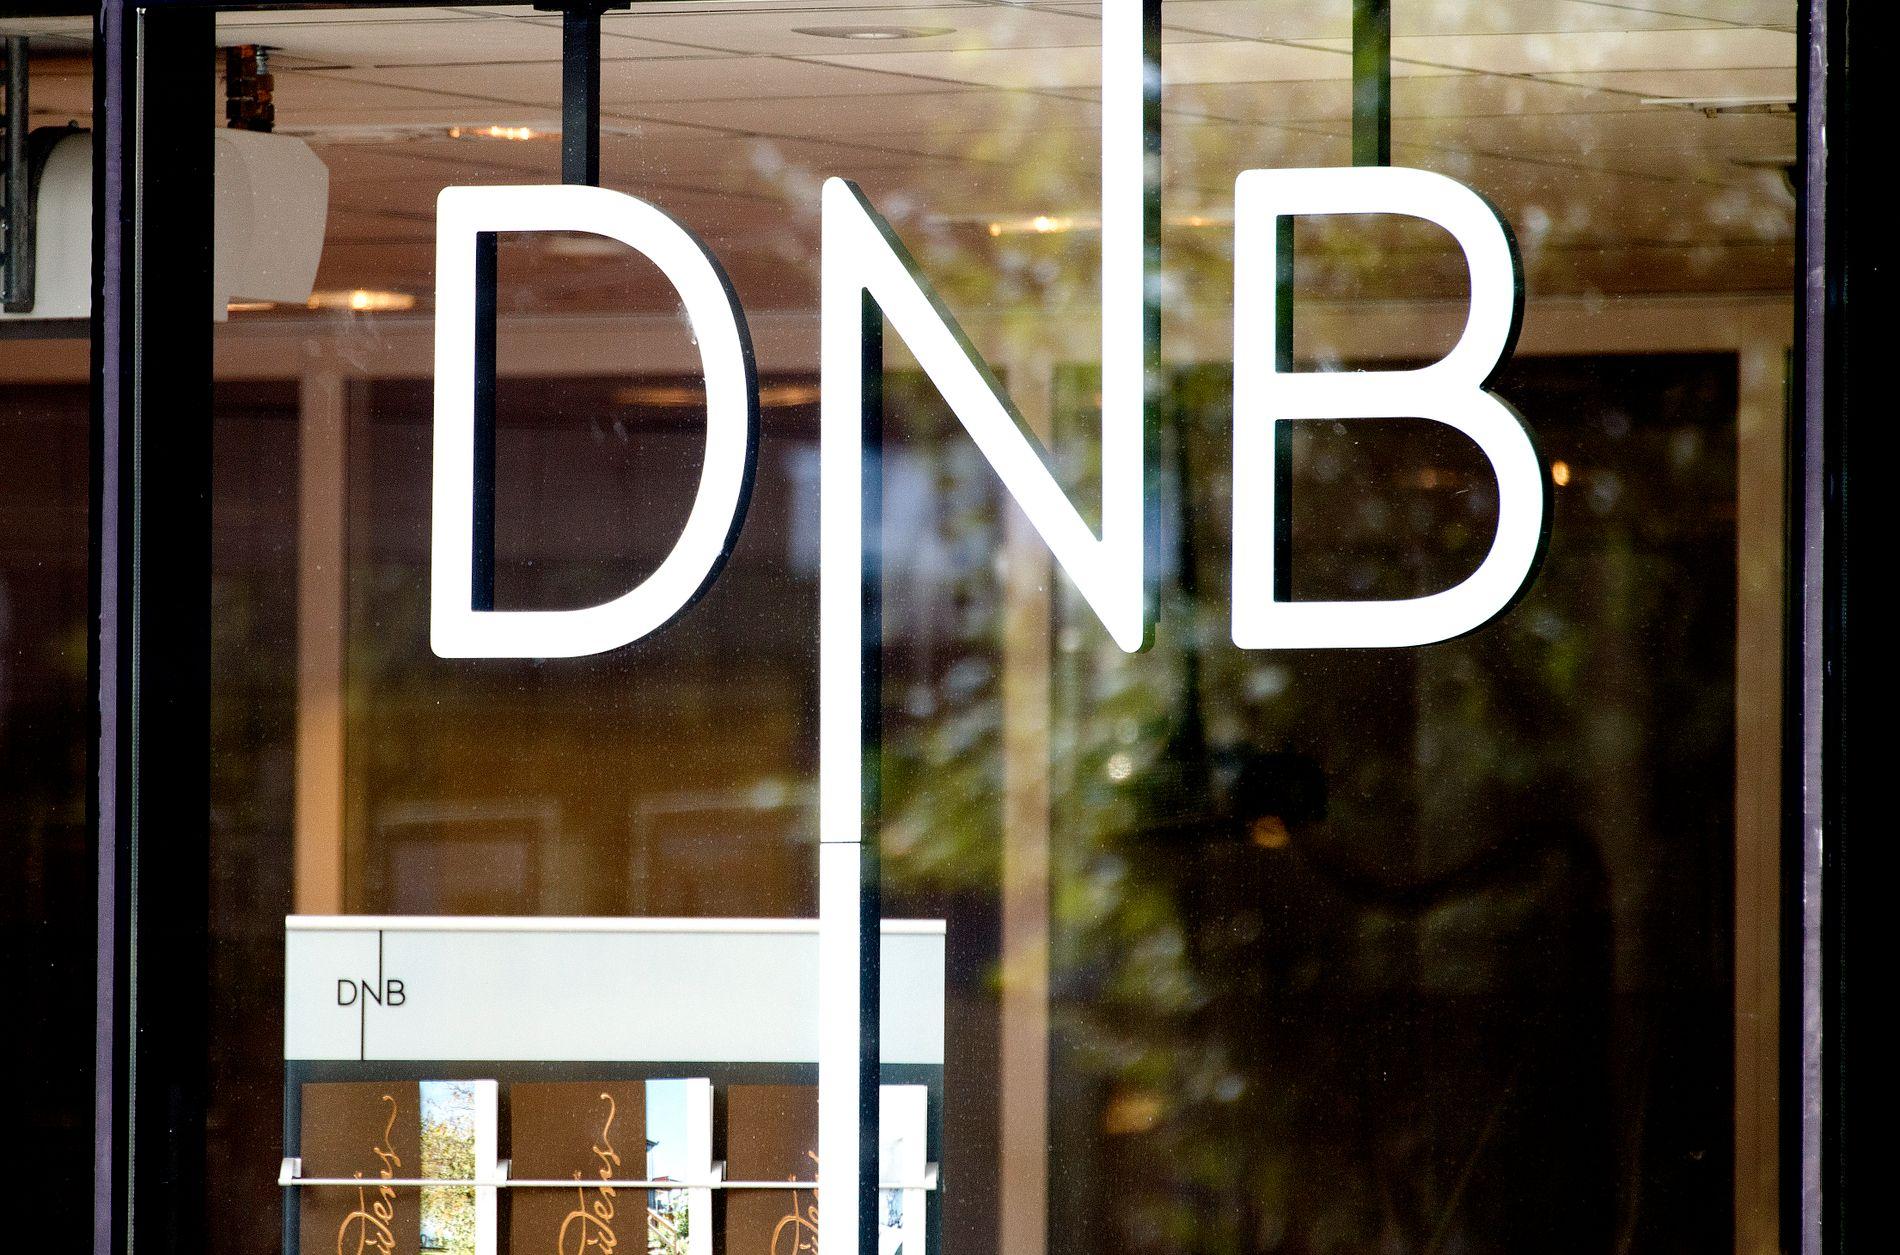 Dagen etter at Norges Bank hevet styringsrenta, varslet DNB høyere rente på sine boliglån. Foto: Gorm Kallestad / NTB scanpix